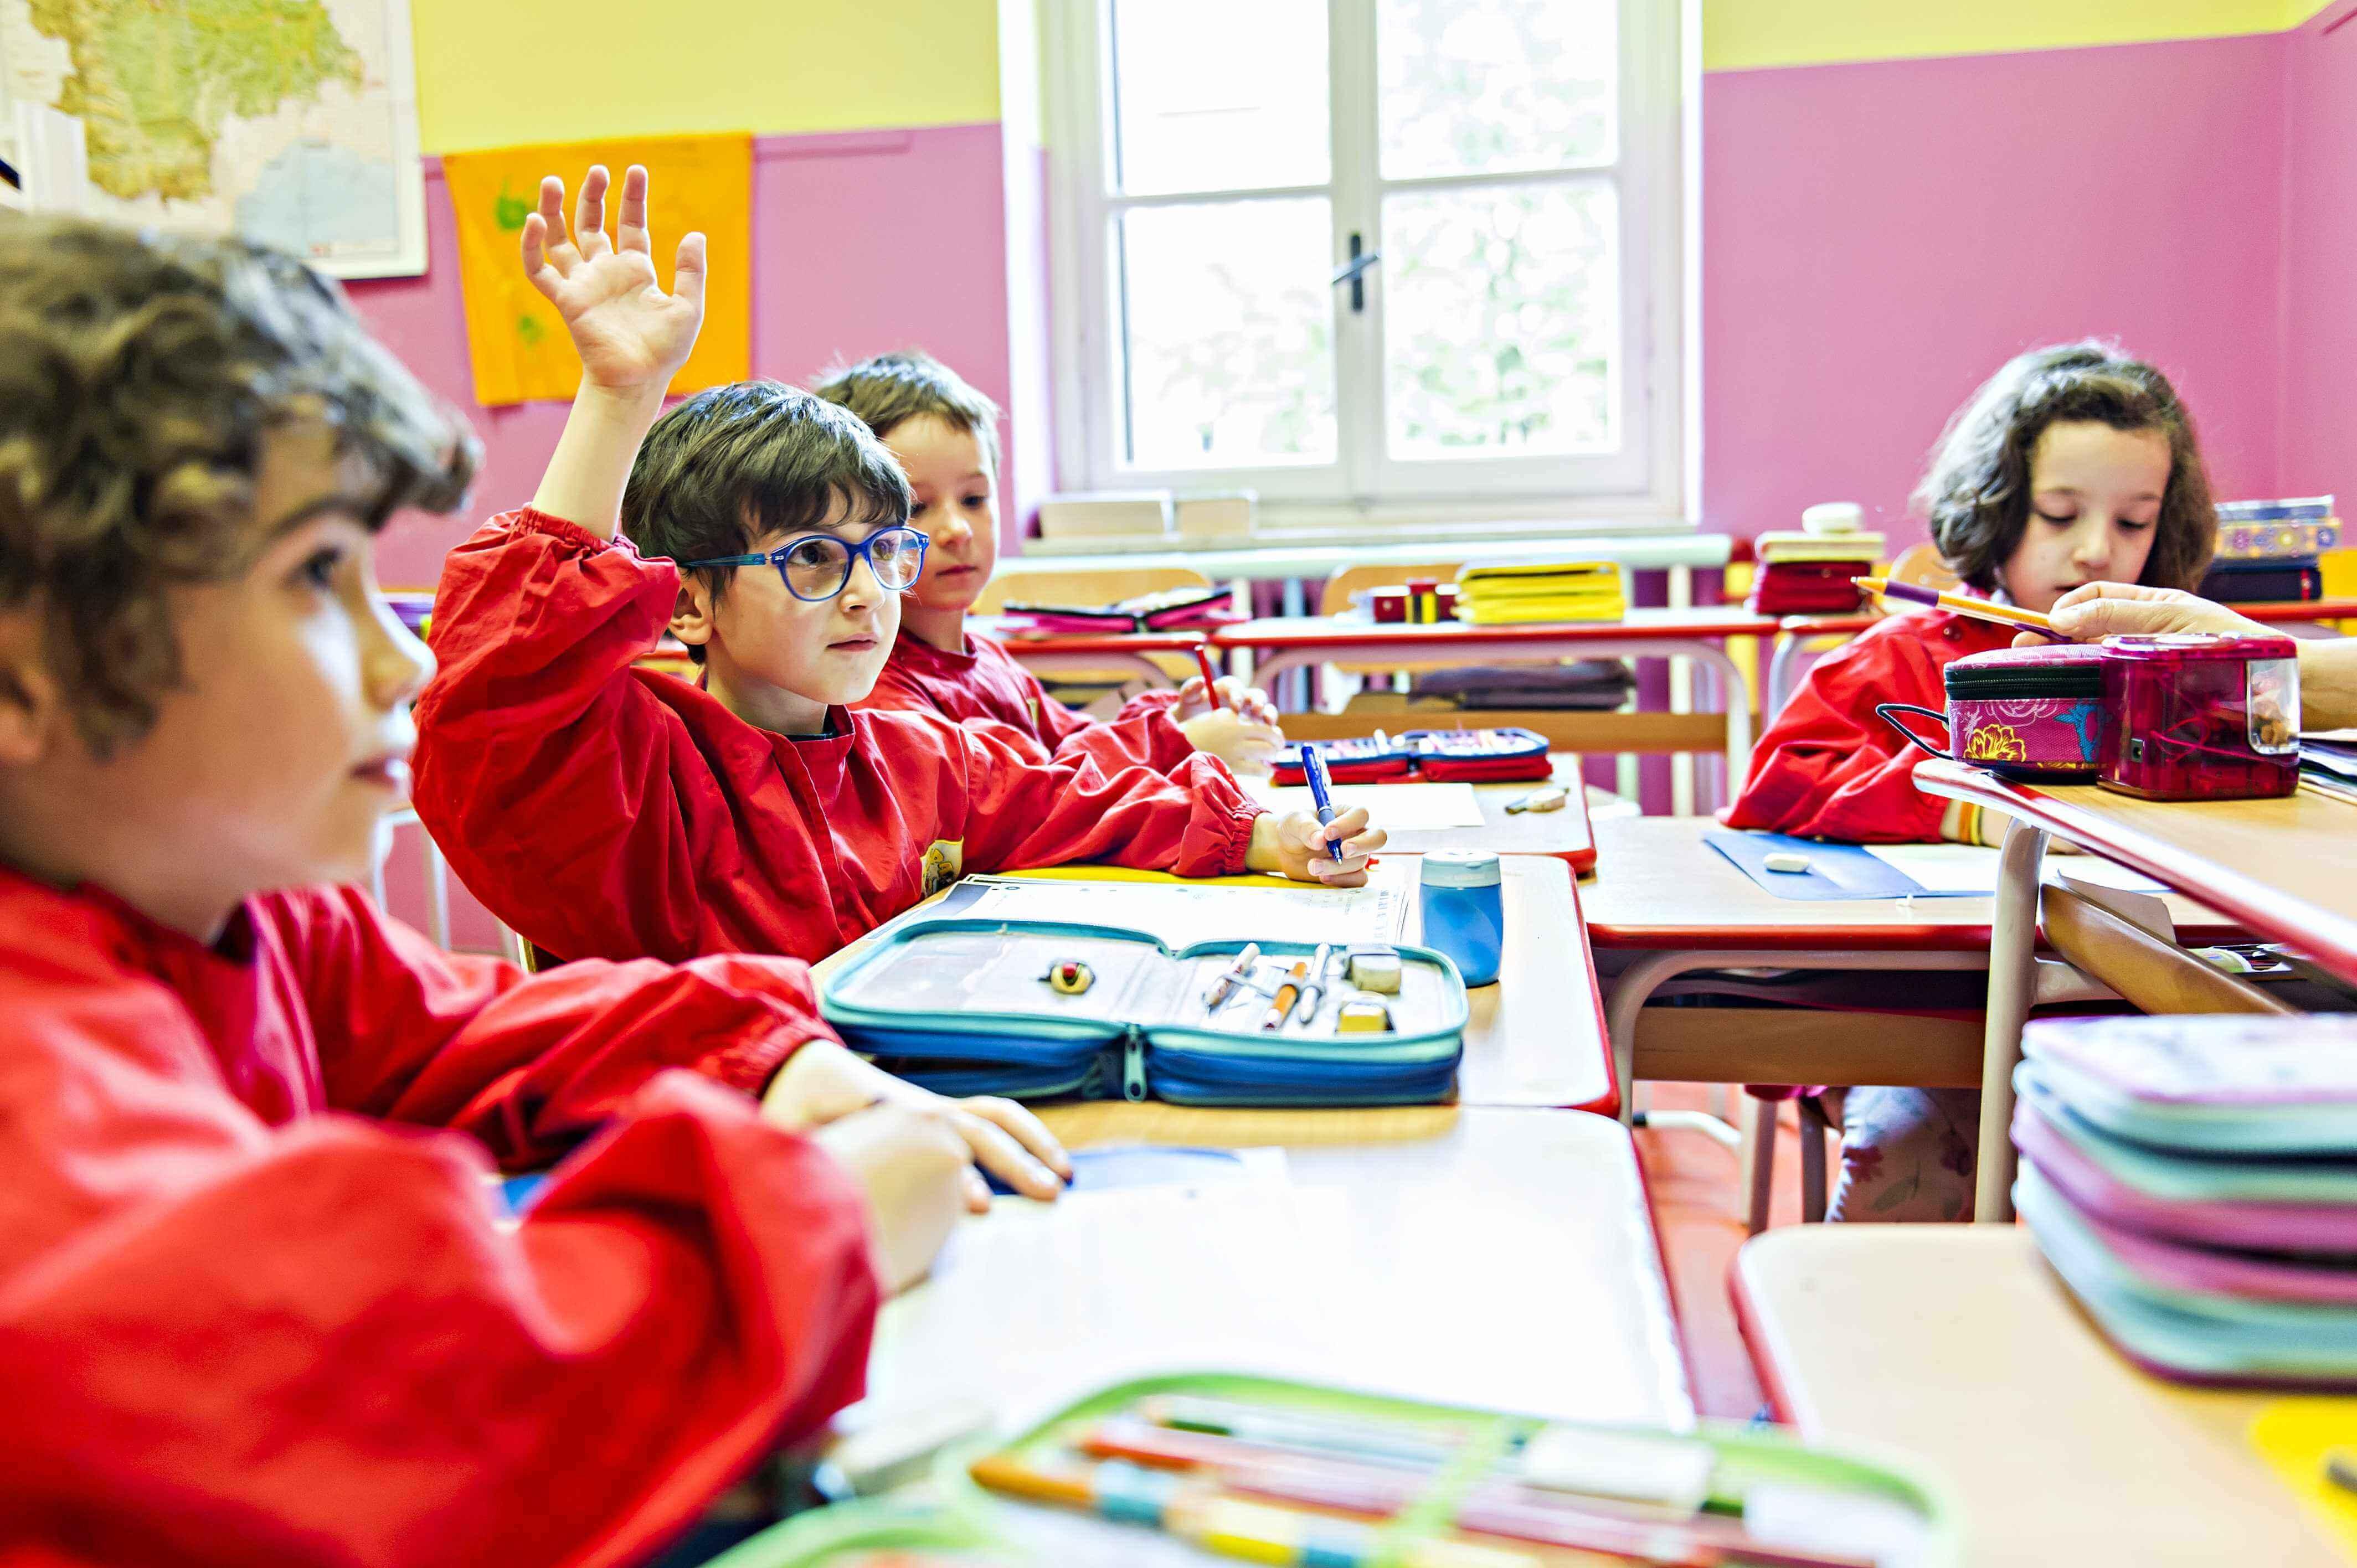 La scuola primaria